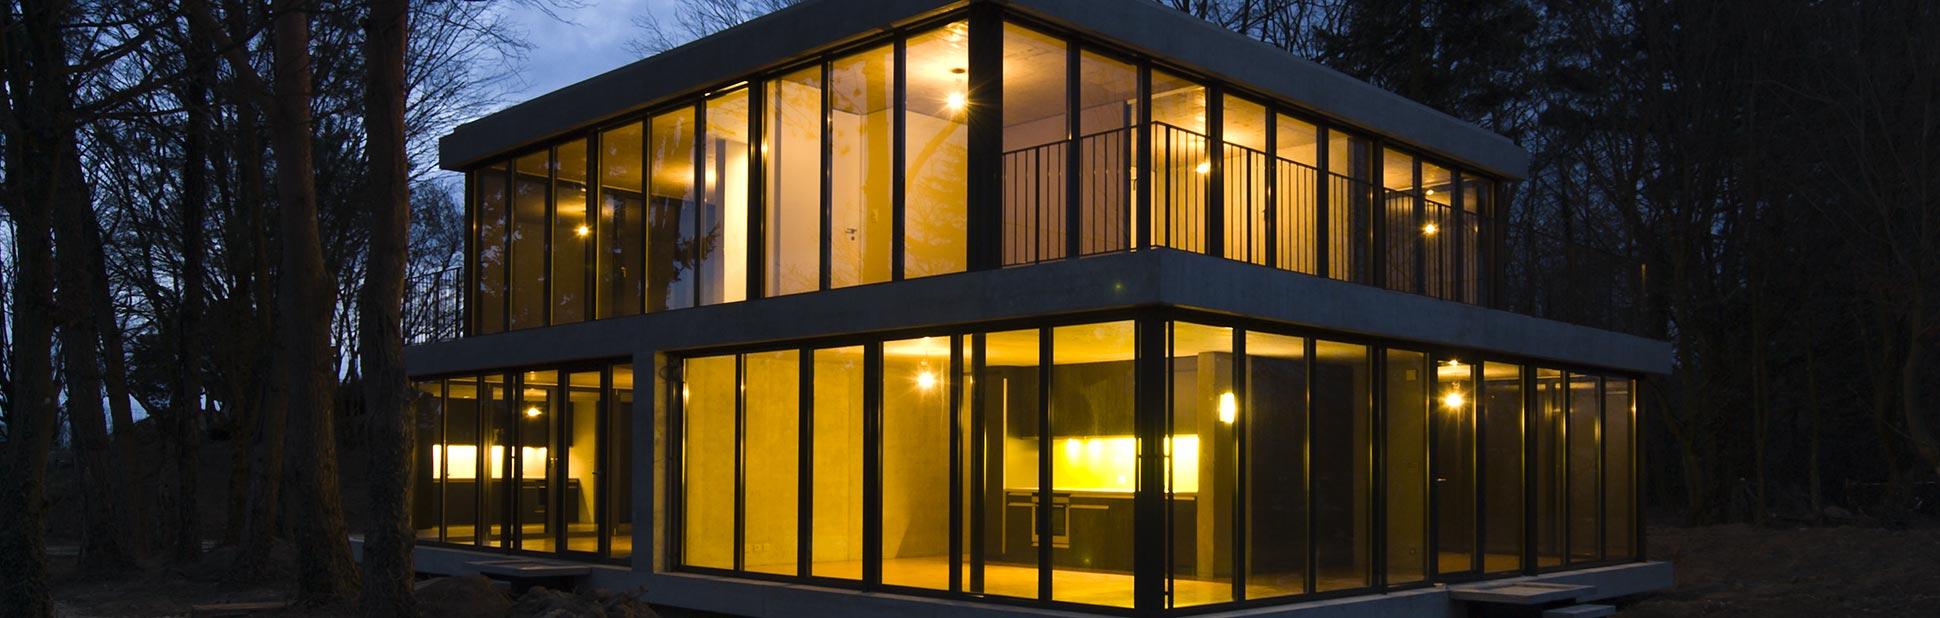 Maison Eco : Vue Extérieure de nuit